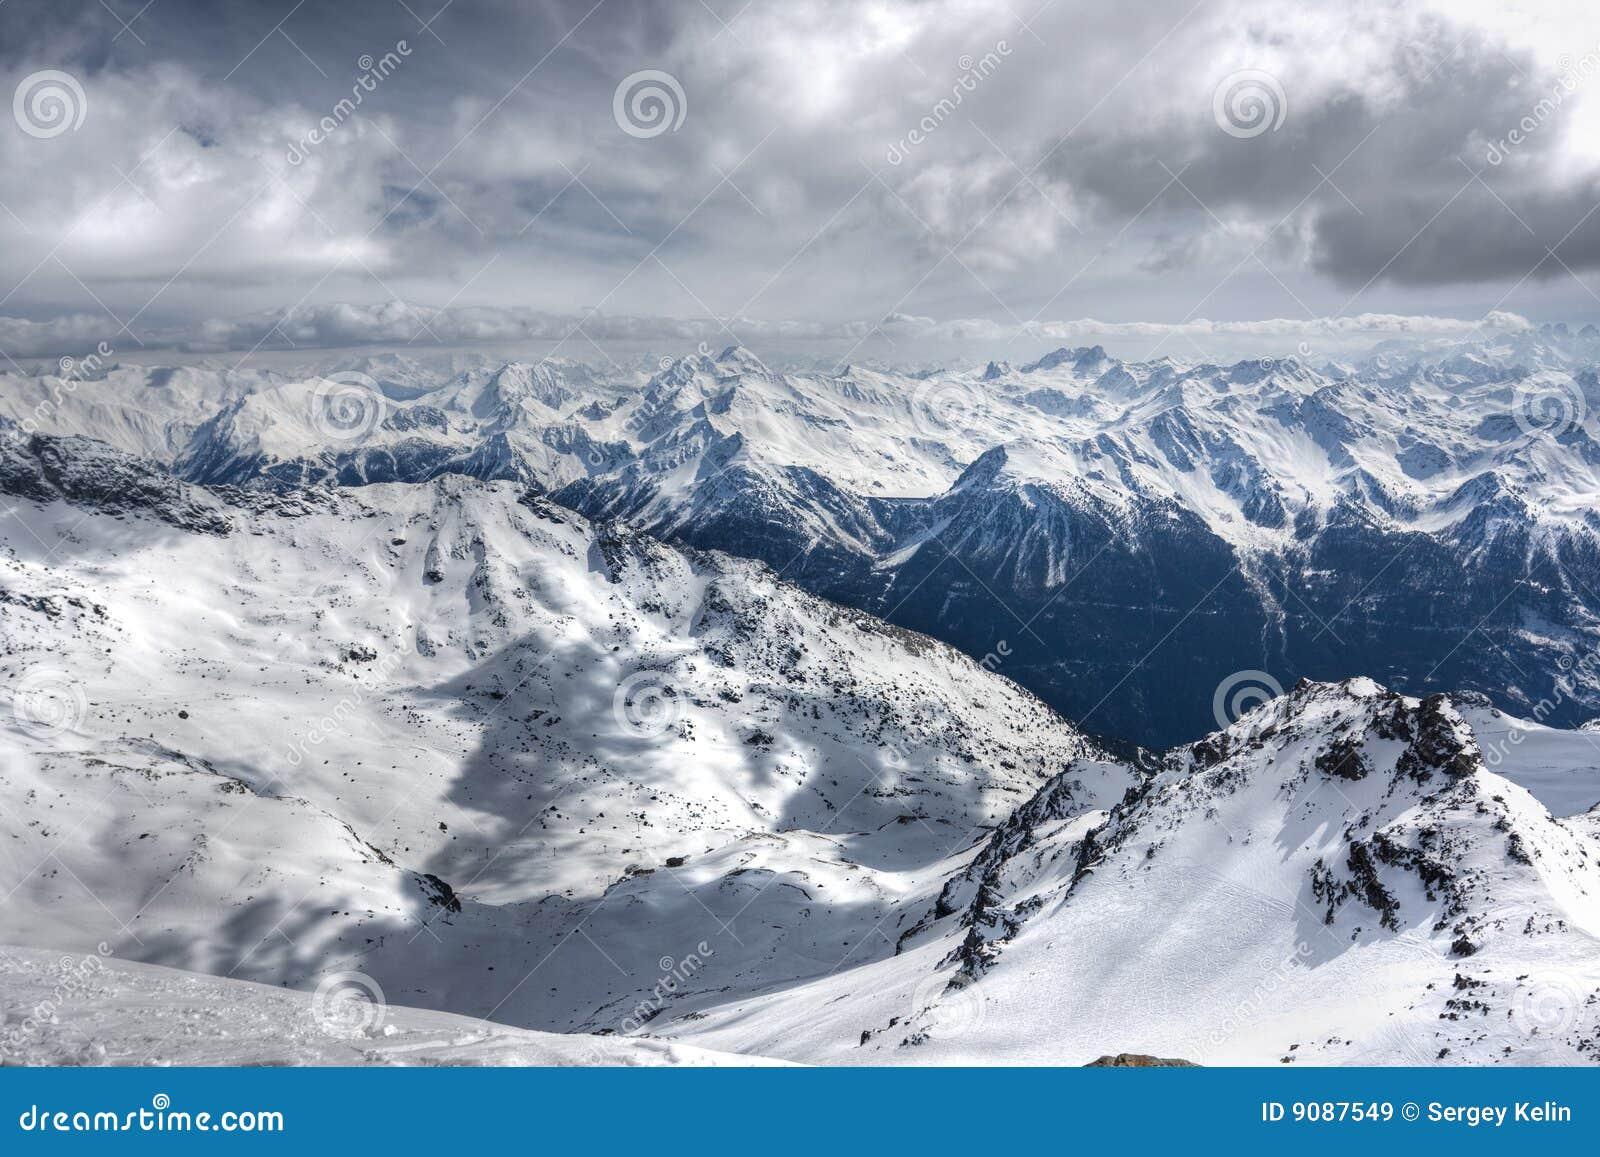 Winter-Alpenlandschaft vom Skiort Val Thorens